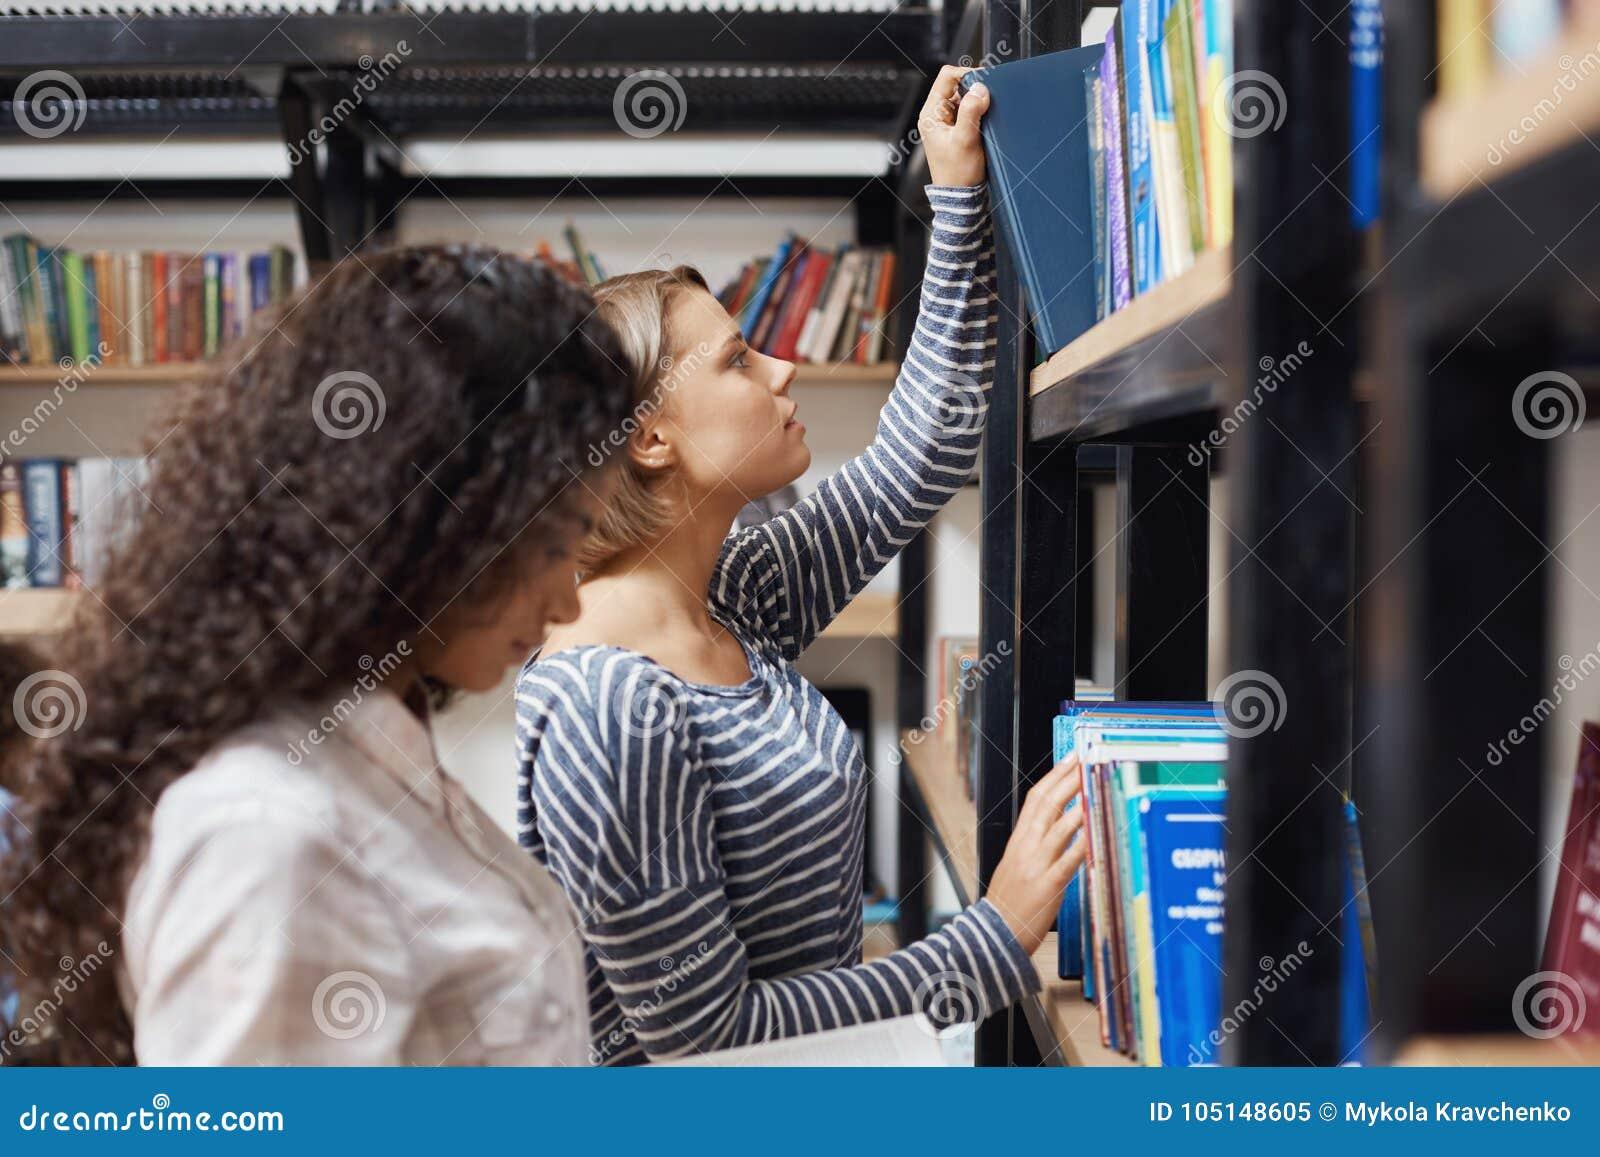 Закройте вверх молодой симпатичной белокурой девушки в striped рубашке оставаясь близко книжными полками в современной библиотеке